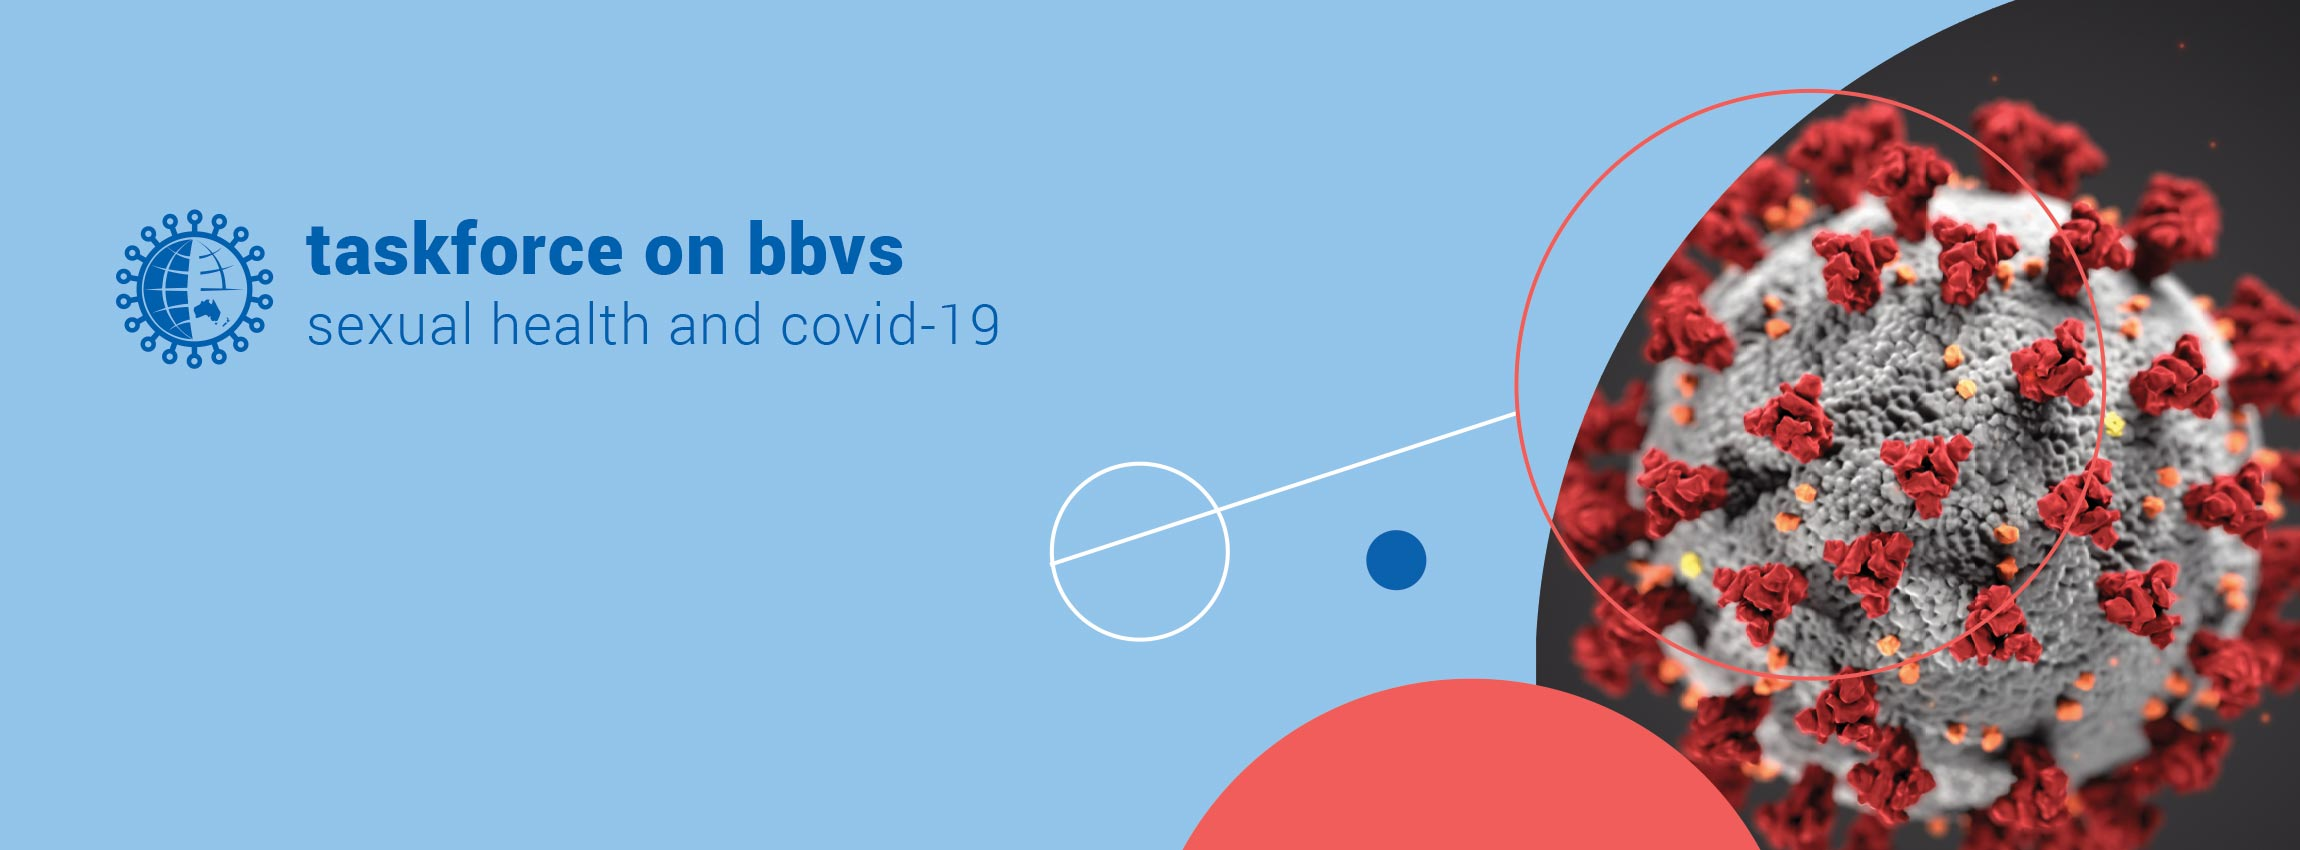 Recomendaciones provisionales del Grupo de Trabajo ASHM COVID-19 con respecto a las personas que están encarceladas en entornos de justicia penal durante la pandemia de la COVID-19, incluidas aquellas que viven con VIH, hepatitis B y hepatitis C